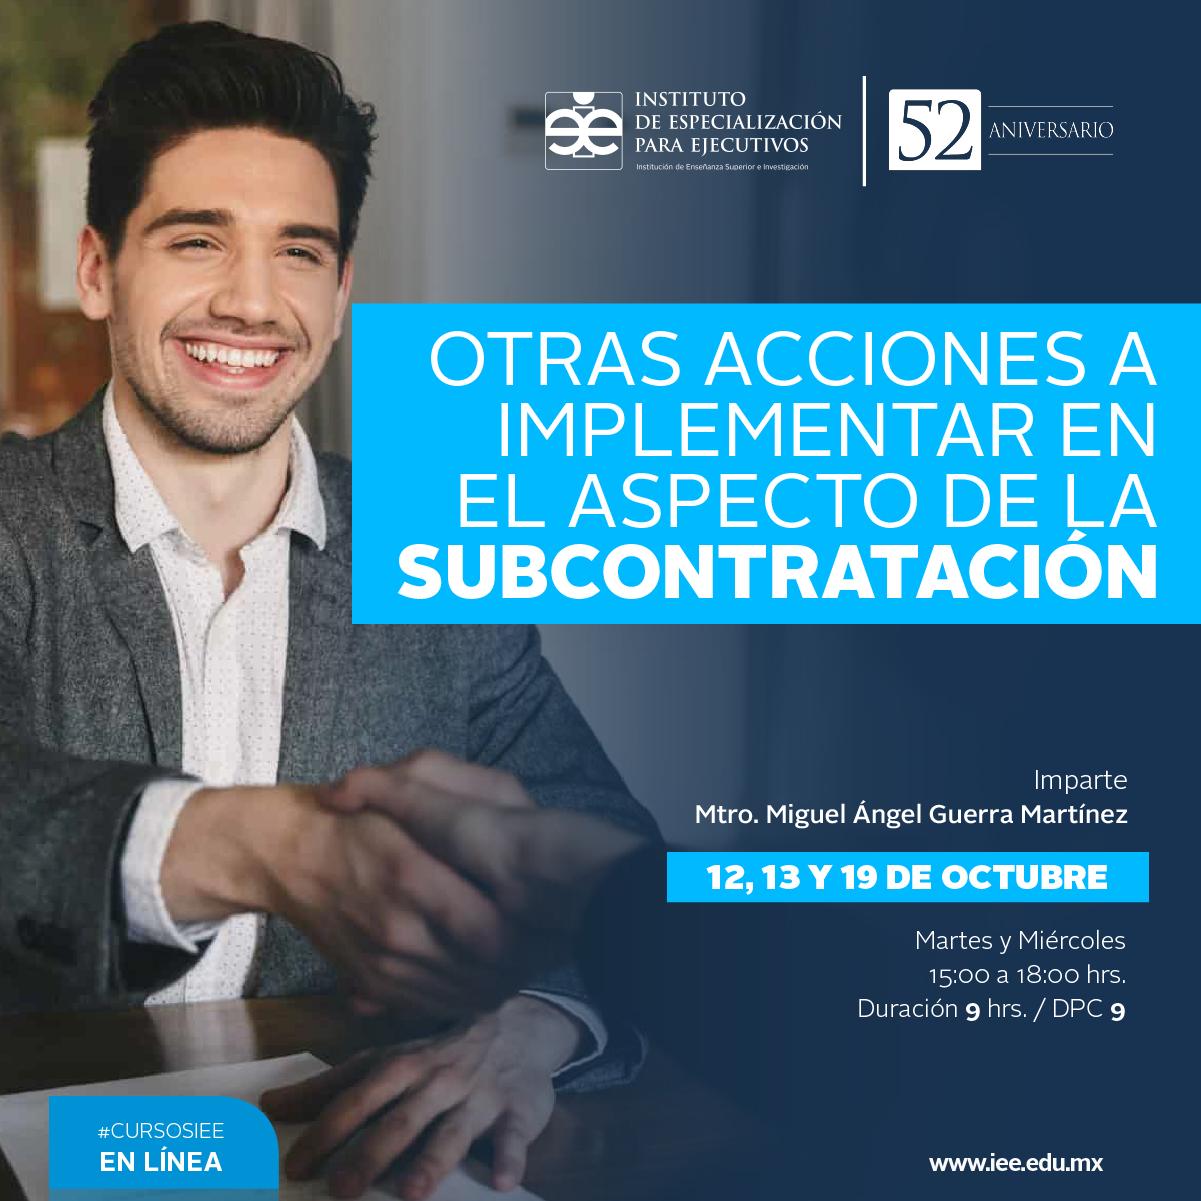 Curso en Línea en Otras Acciones a Implementar en el Aspecto de la Subcontratación